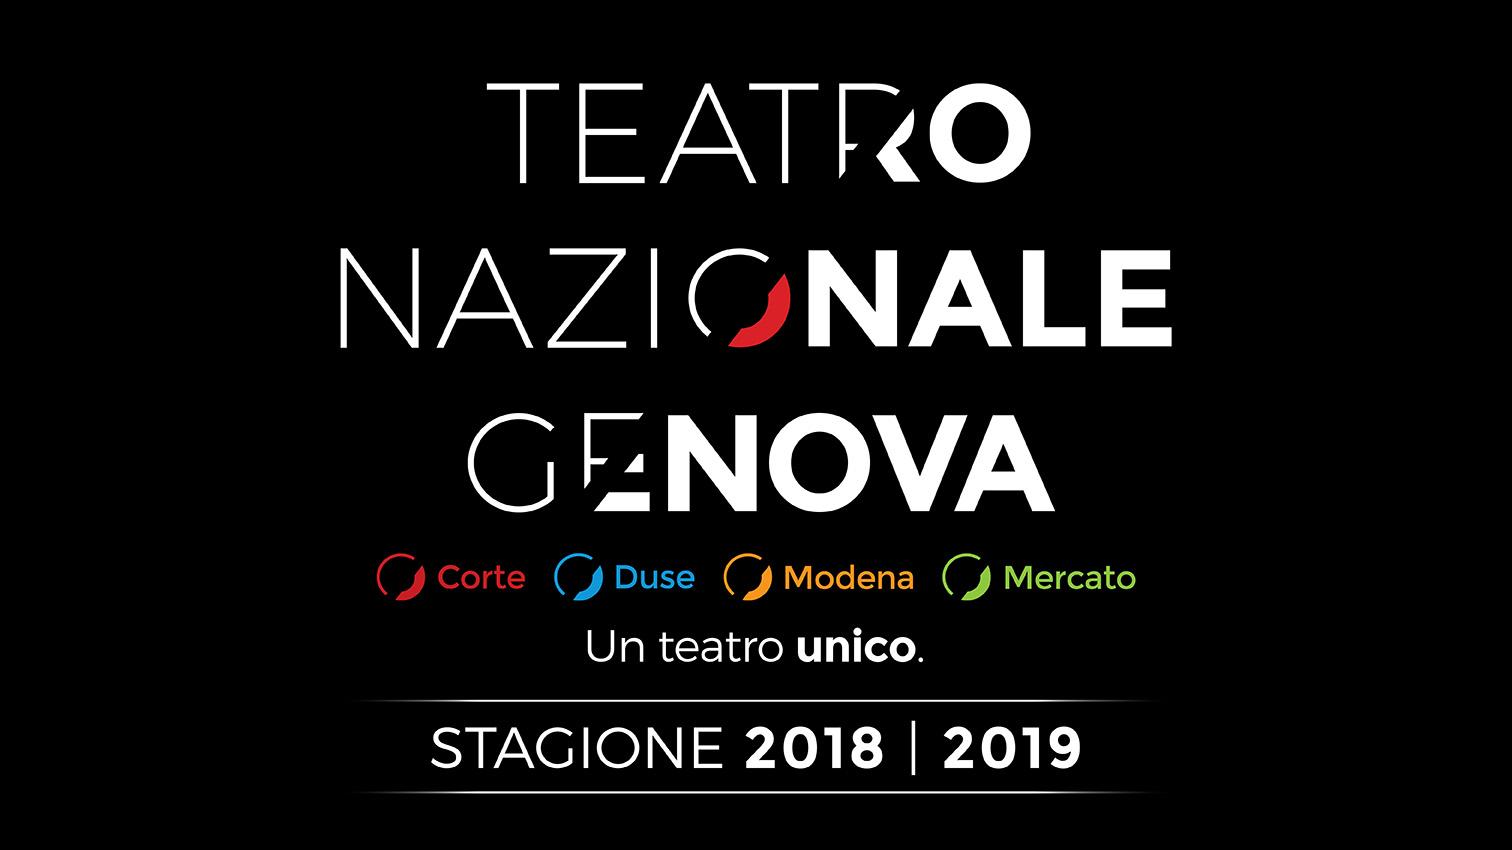 Risultati immagini per teatro nazionale genova